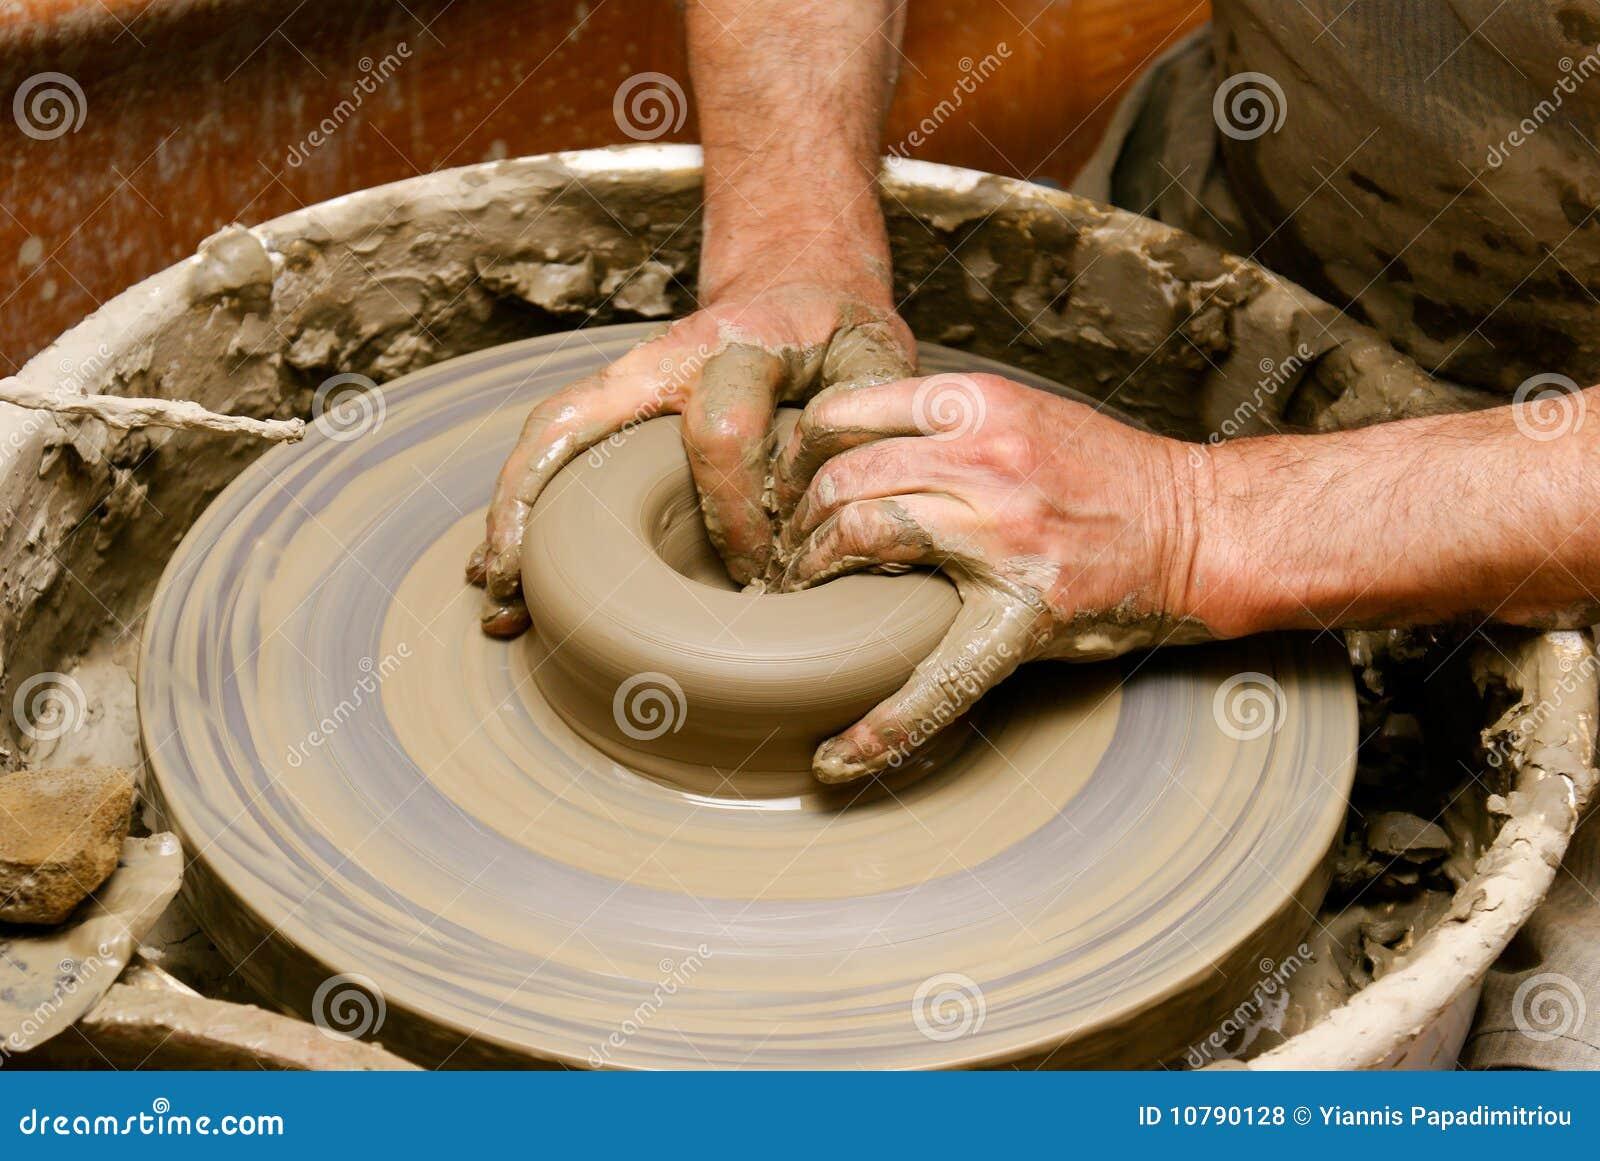 La cerámica handcraft el primer en la luz del Griego de la tarde